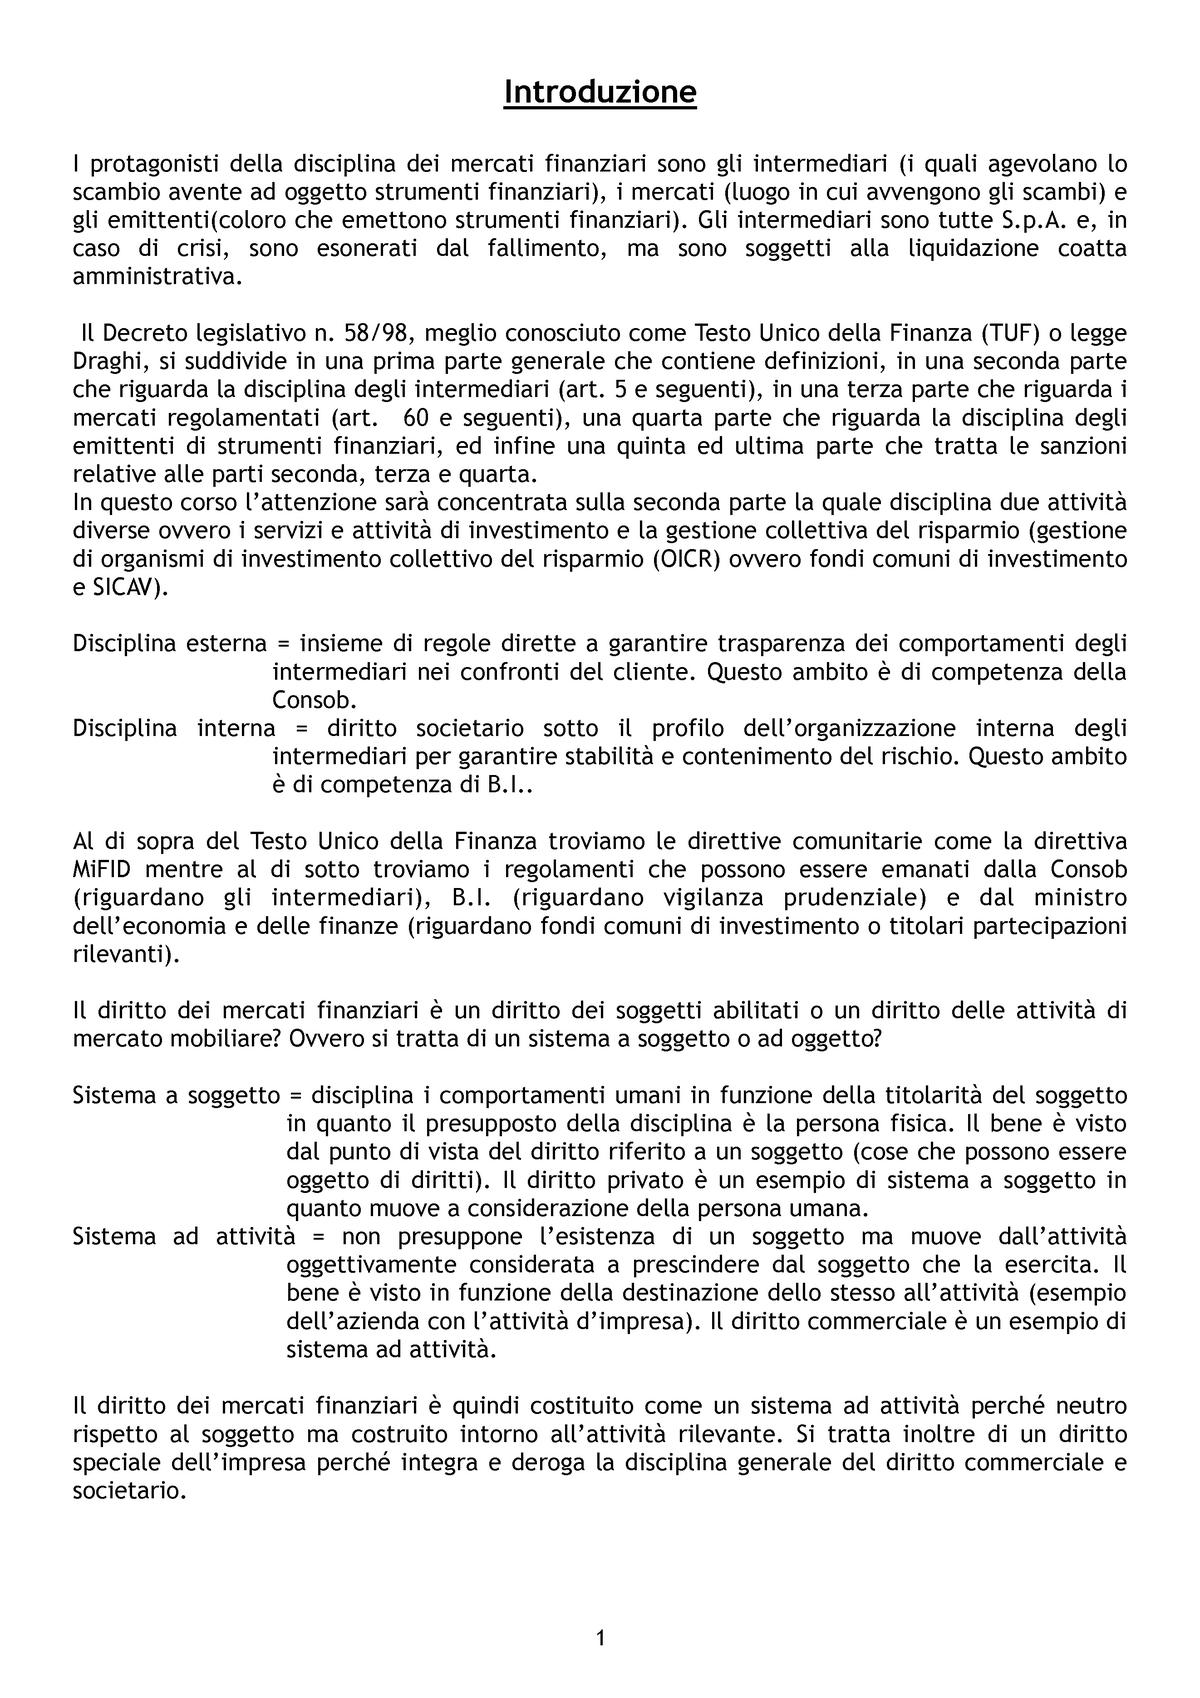 743c7c5010 Diritto dei mercati finanziari - Pinto - Diritto dei mercati finanziari -  StuDocu